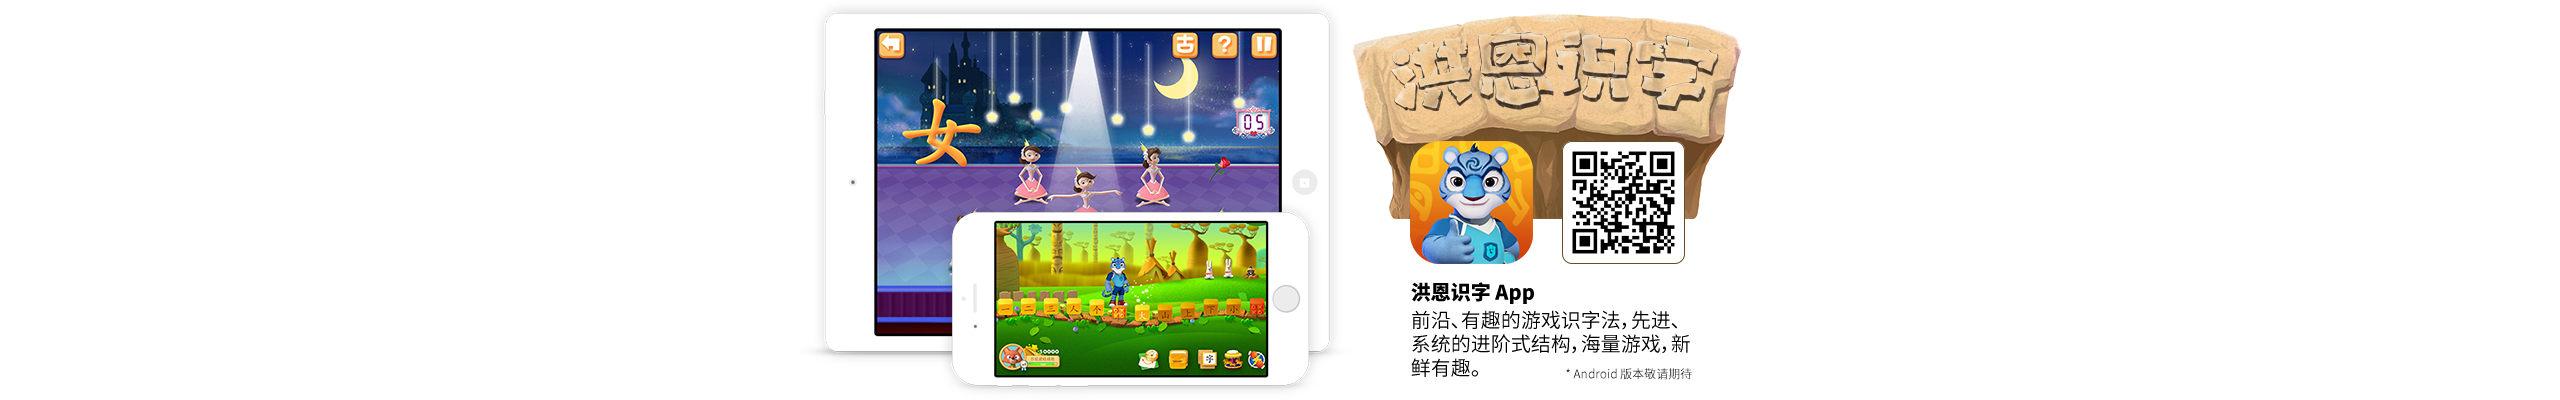 洪恩识字 App